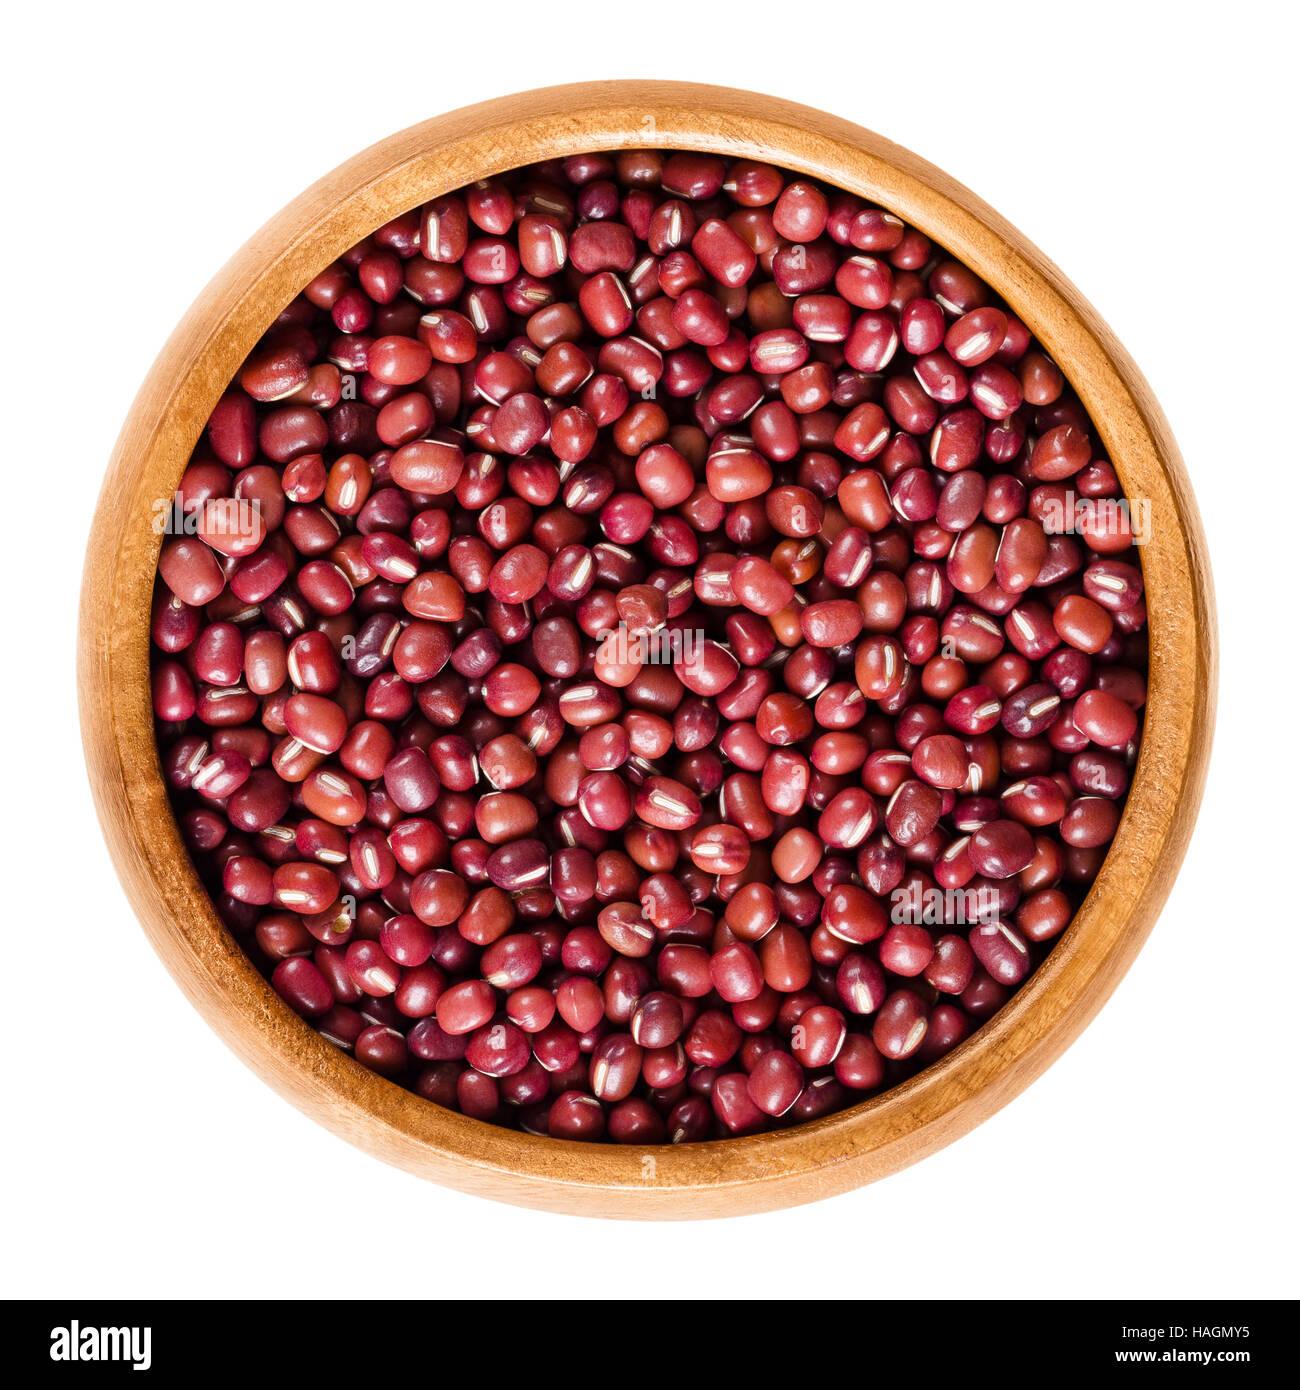 Buy Red Adzuki Bean Vegetable Seeds Plant Chinese Bean Vigna Angularis